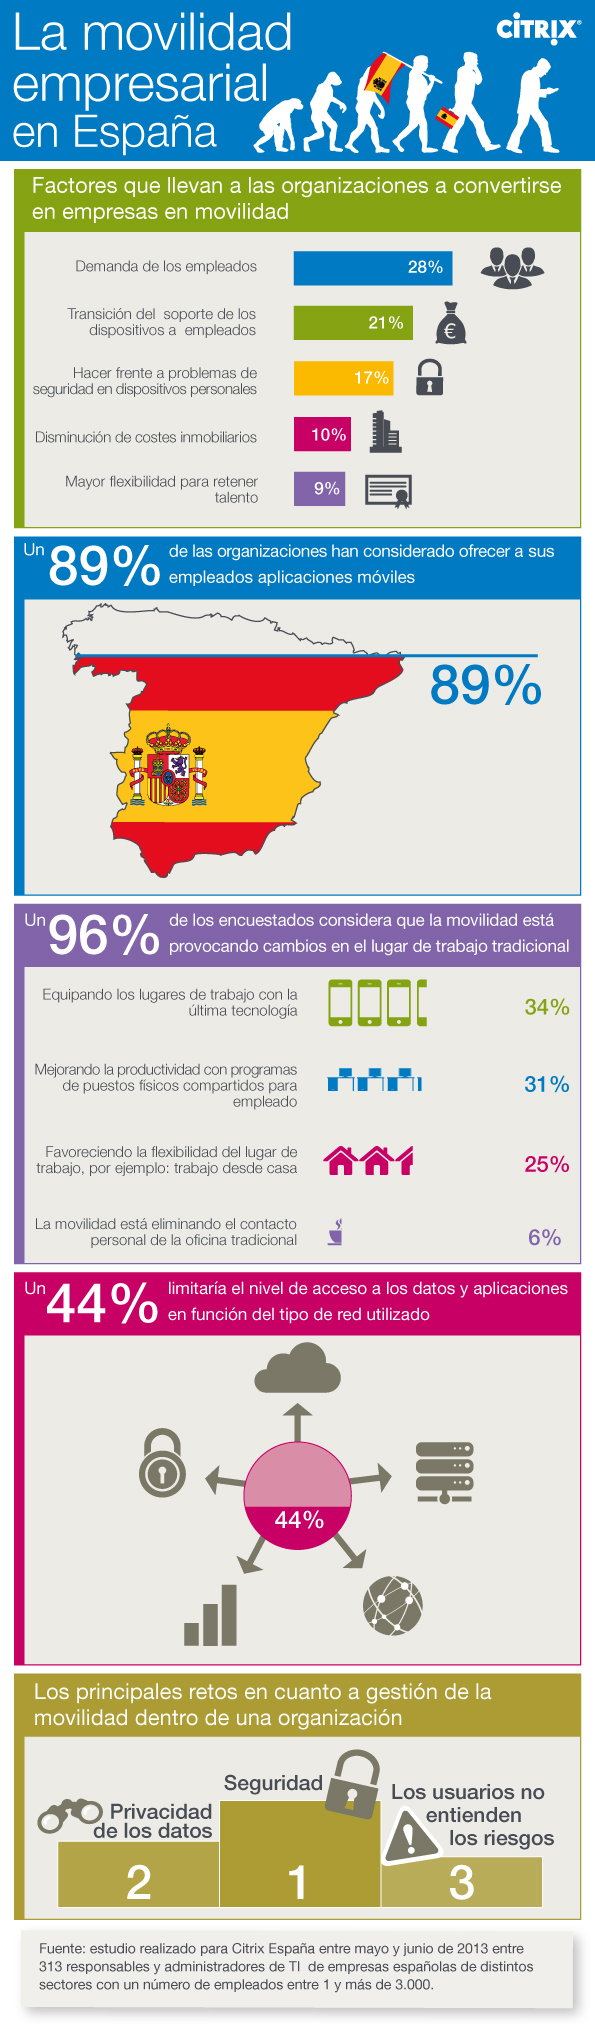 Movilidad empresarial en España